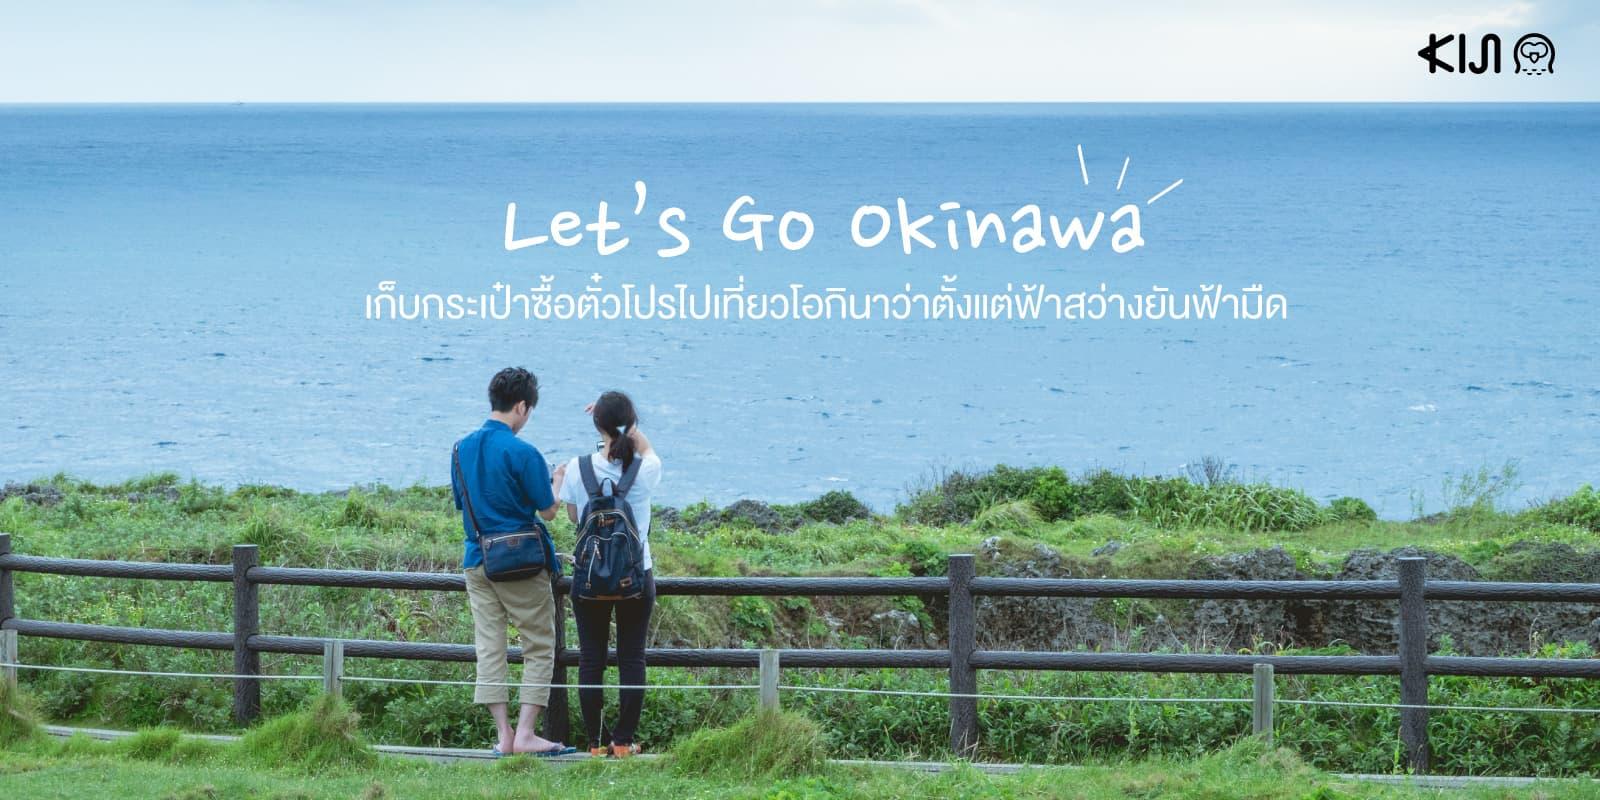 เที่ยวโอกินาว่า Okinawa รีวิว